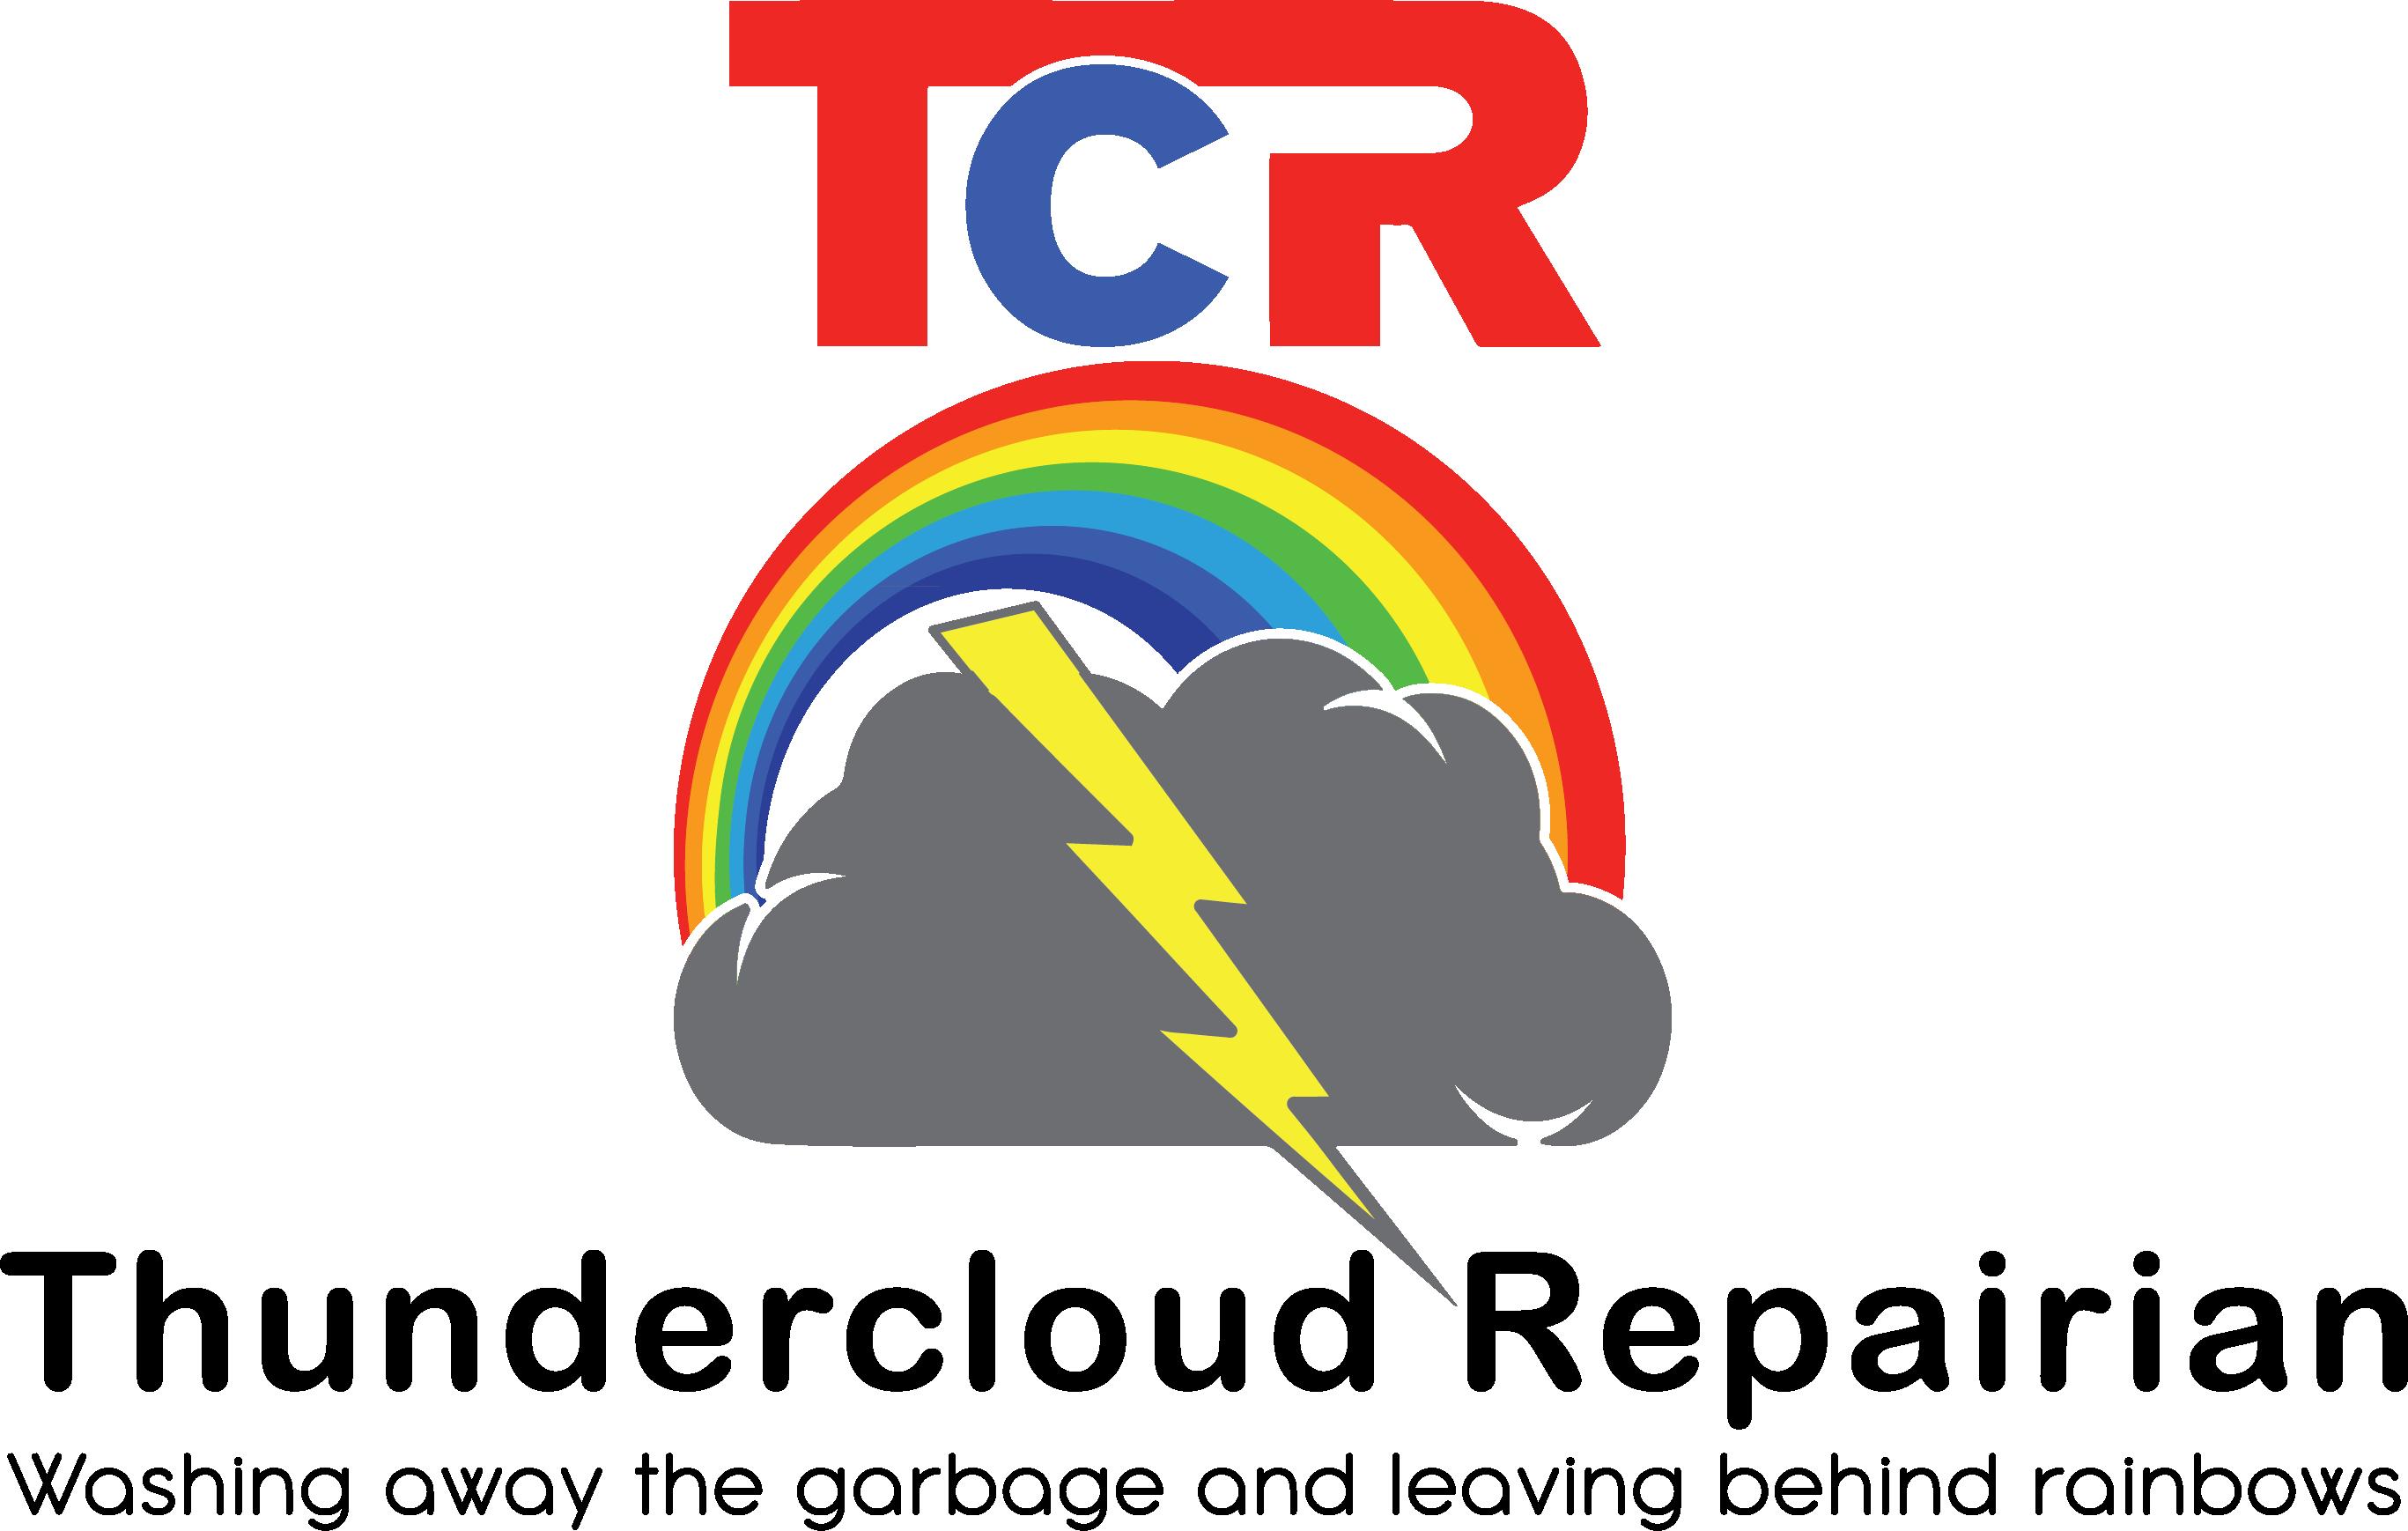 Thundercloud Repairian